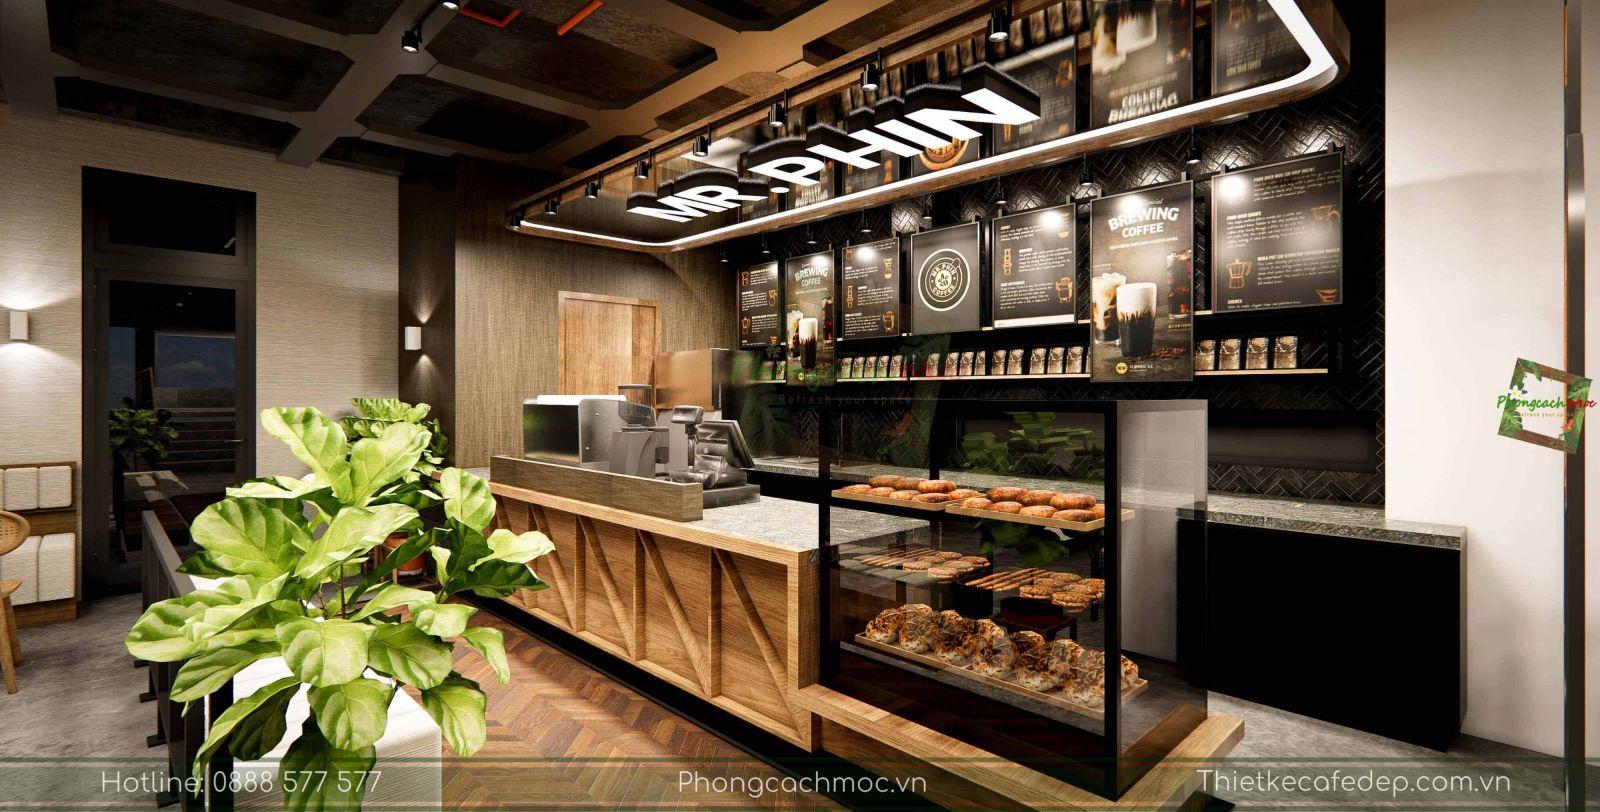 thiet-ke-quan-cafe-mr-phin-chu-van-an-21